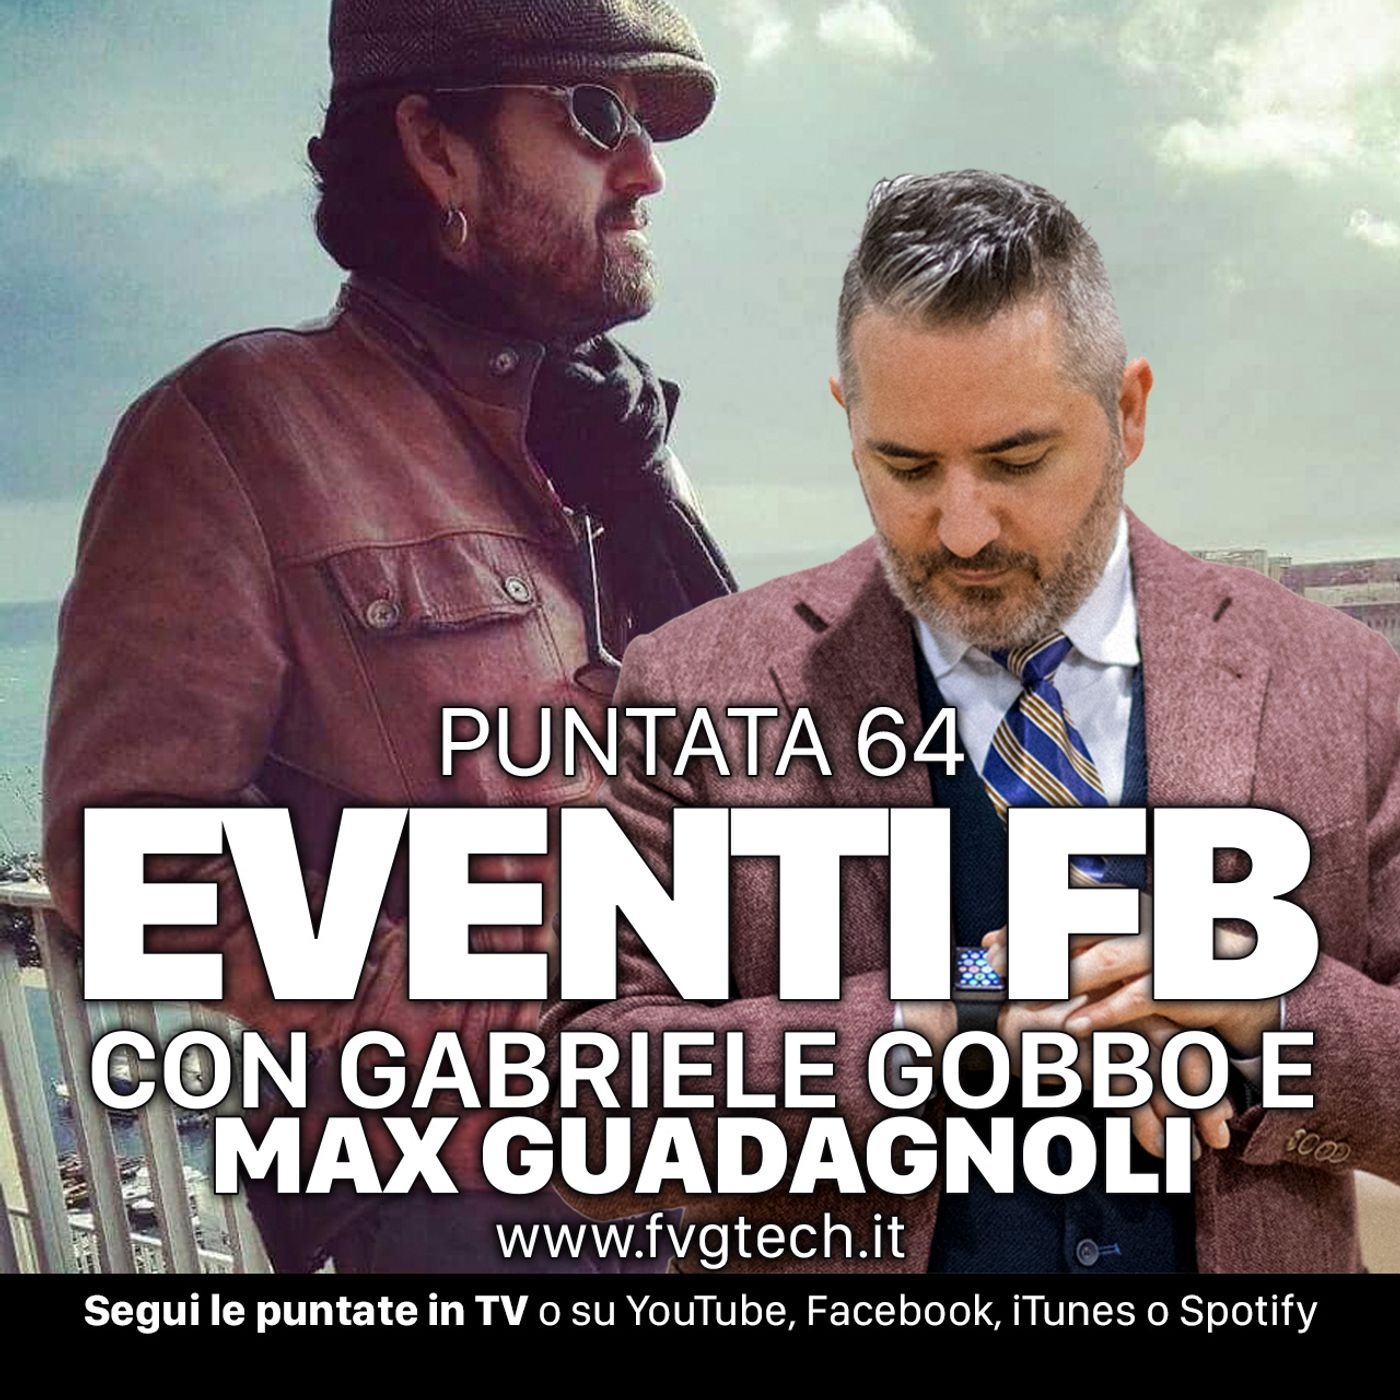 64 - Gli eventi su Facebook. Ospite Max Guadagnoli